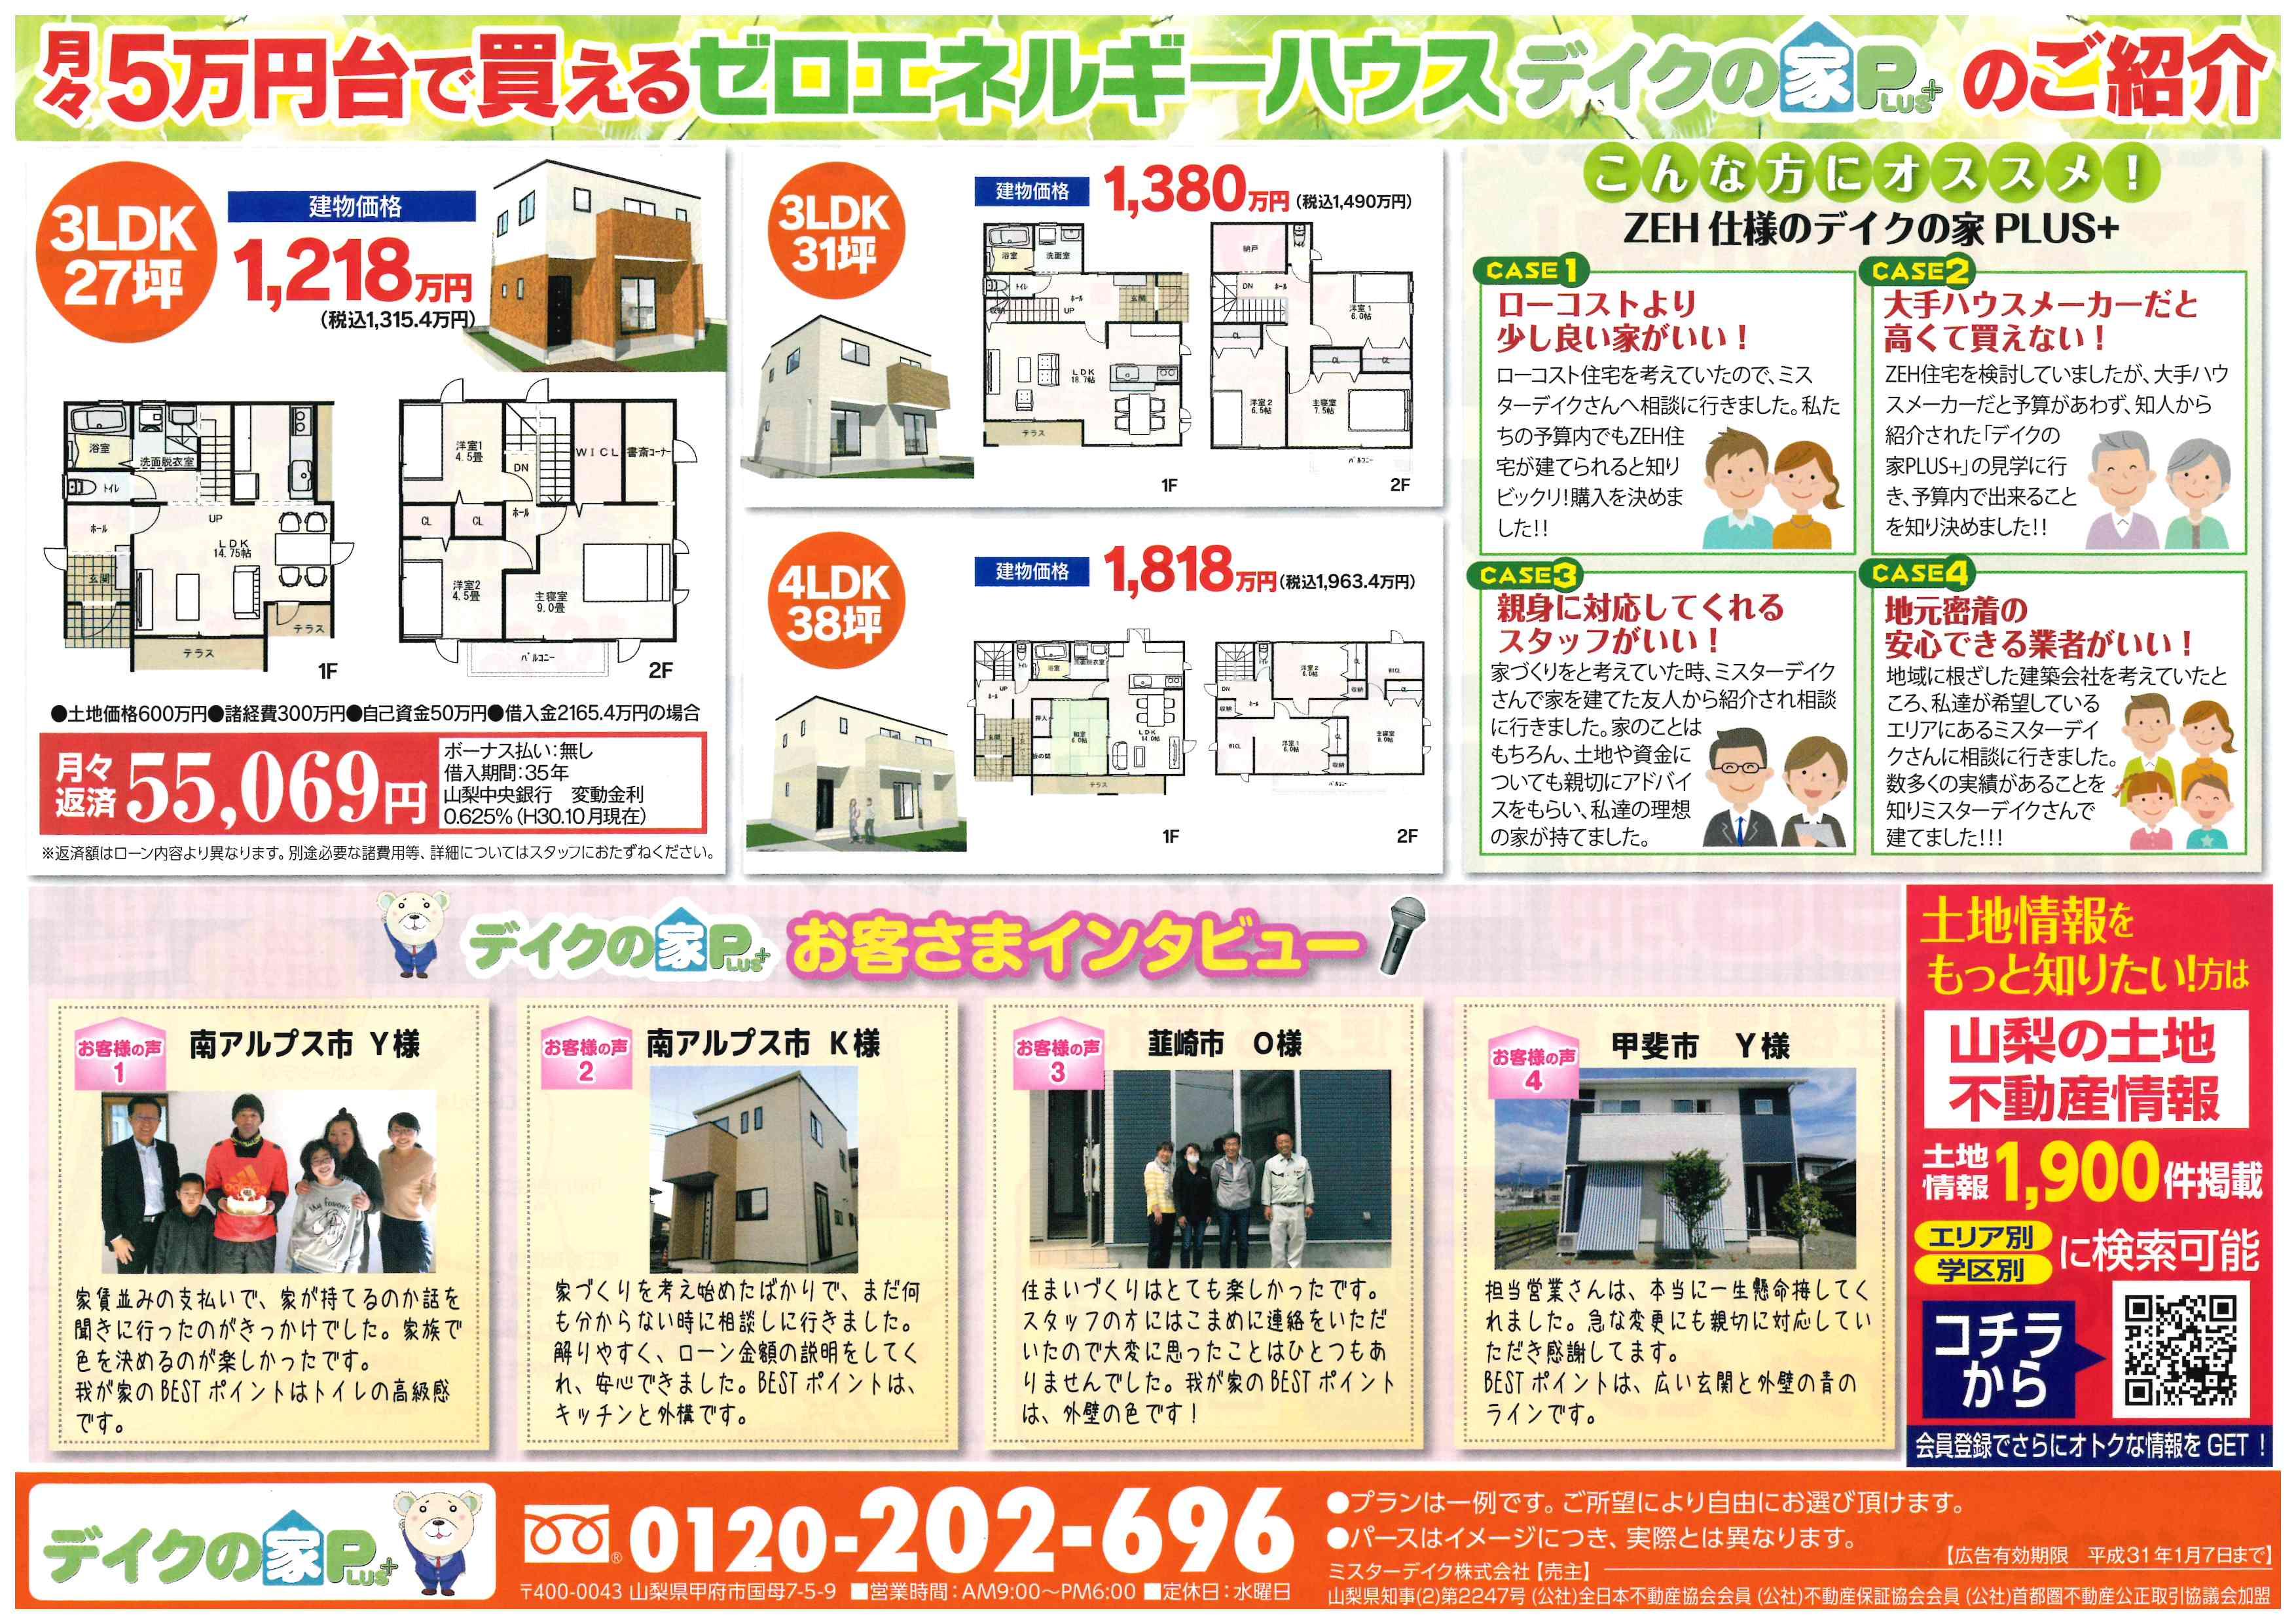 12/8&9 モデルハウス即売会